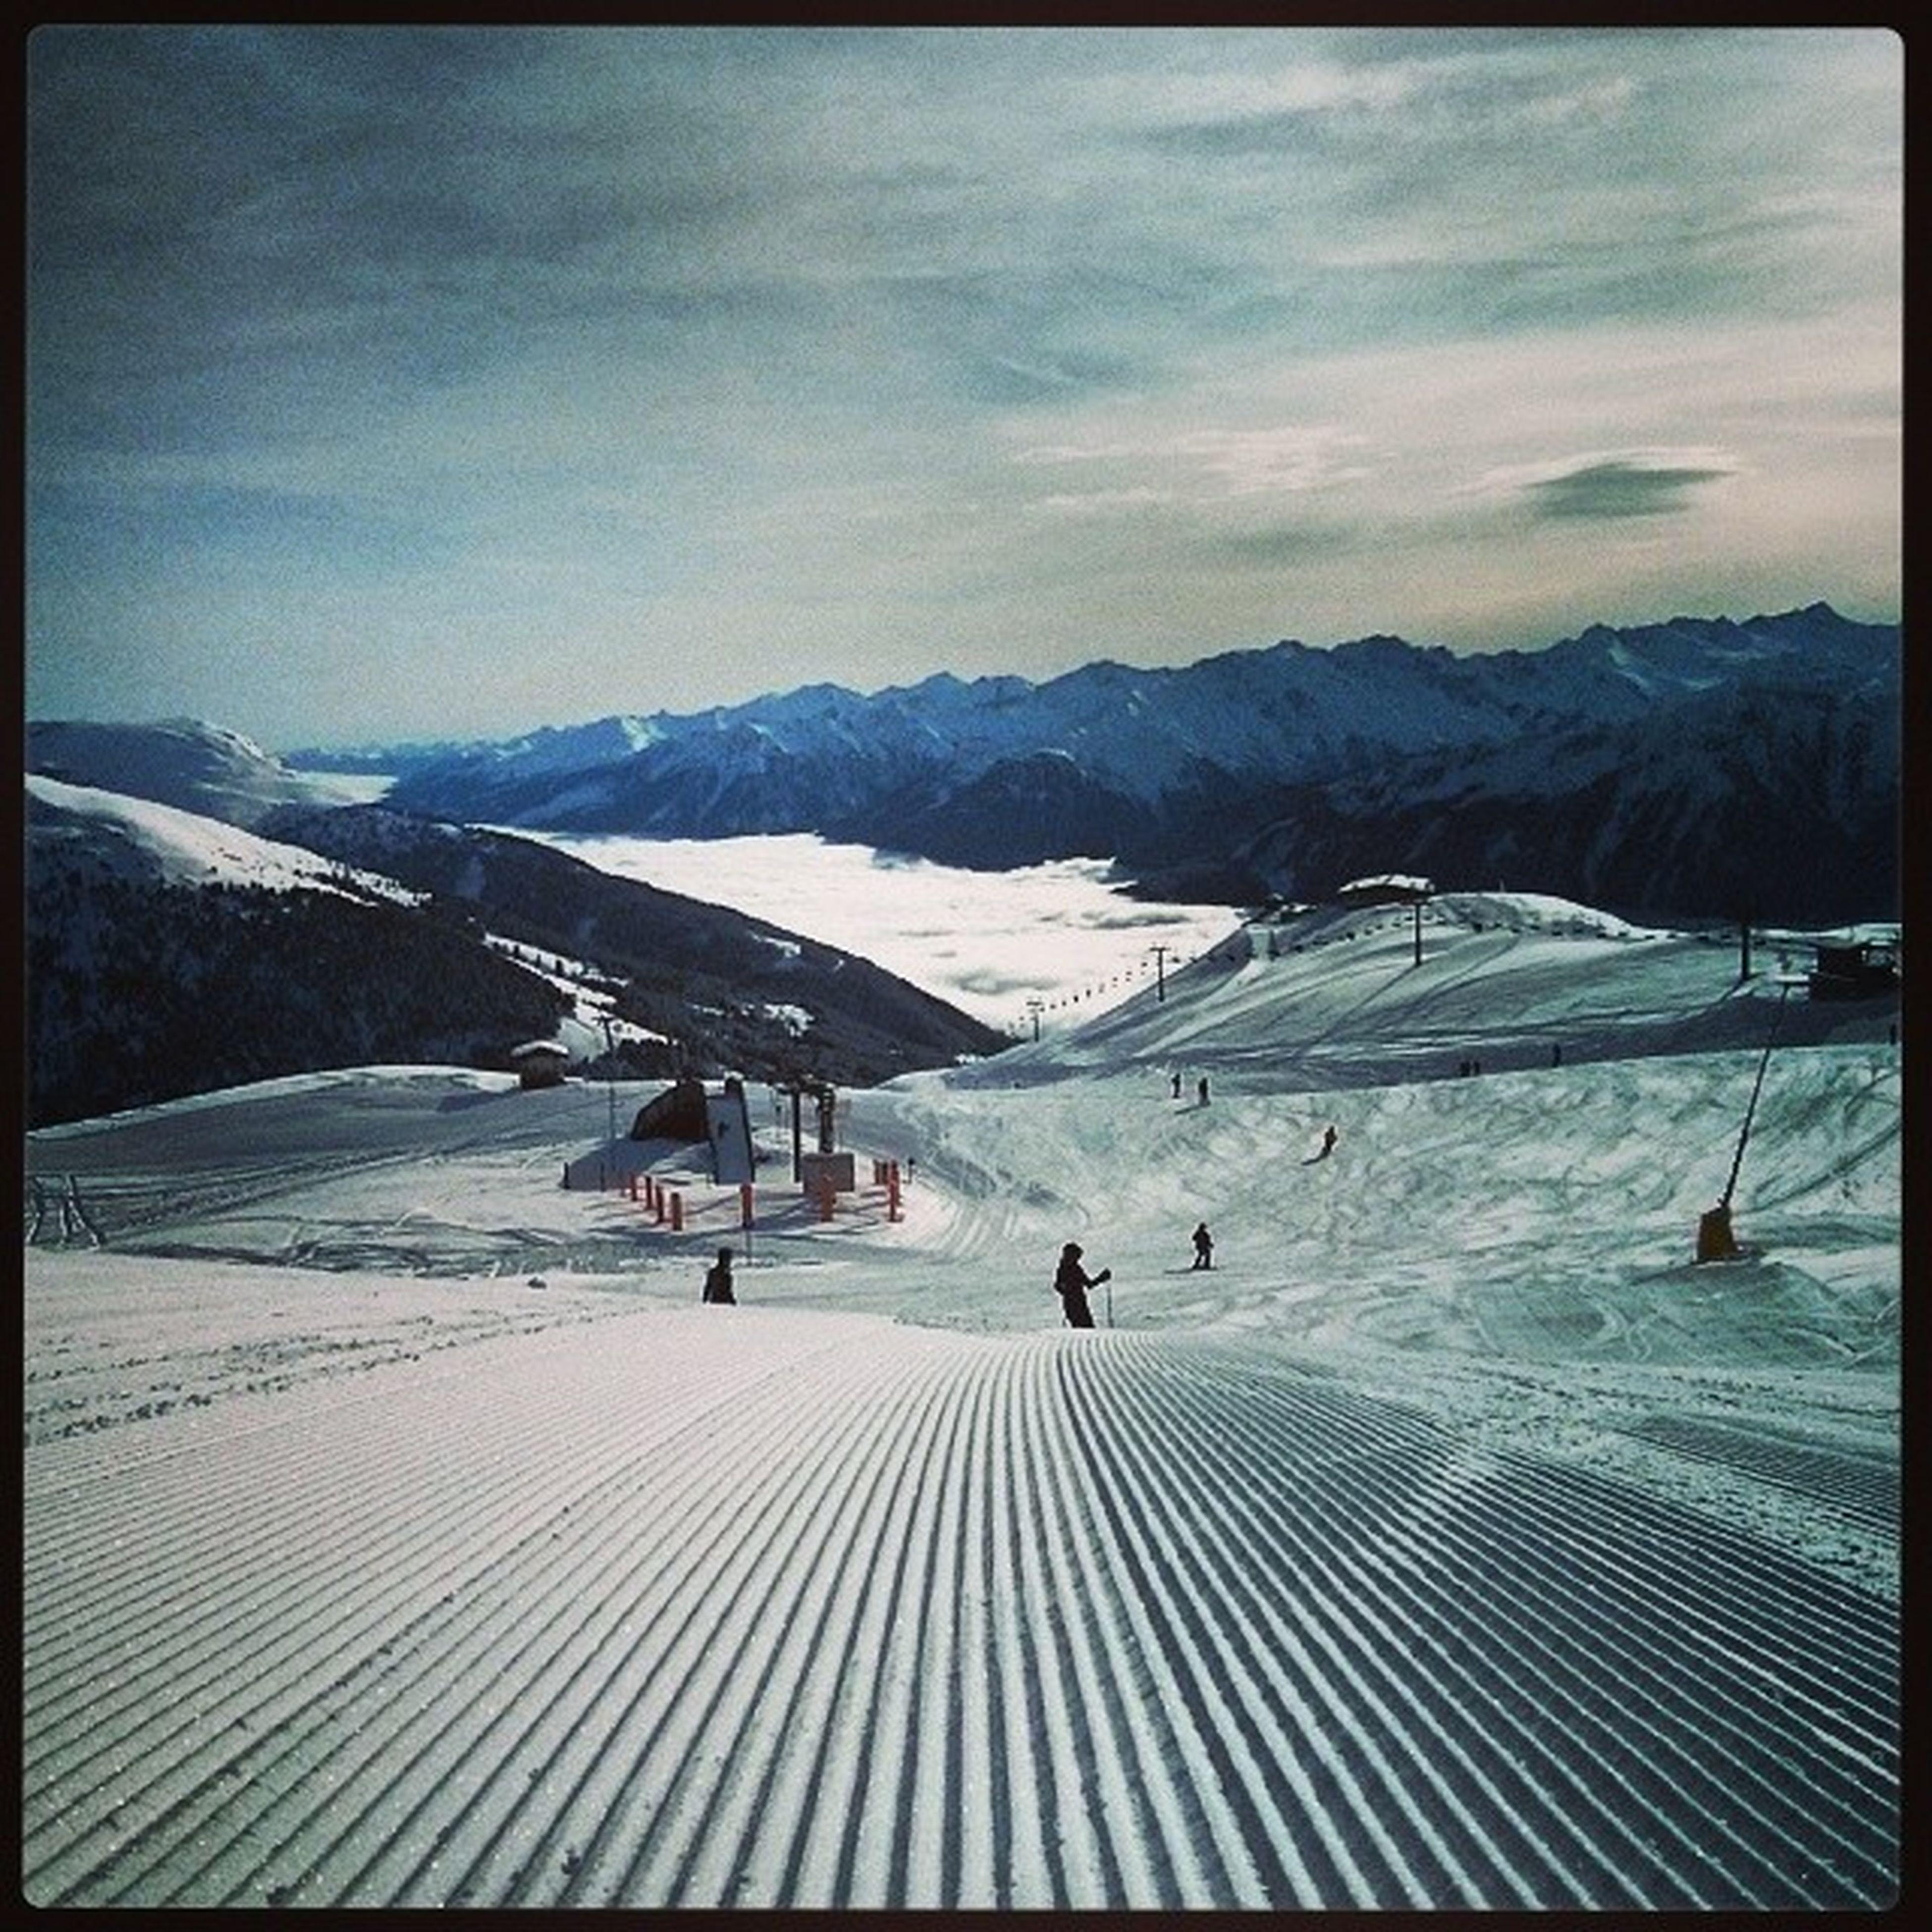 Manzestr Tochces Skiing Snowboarding snowboarder austria tirol zillertal